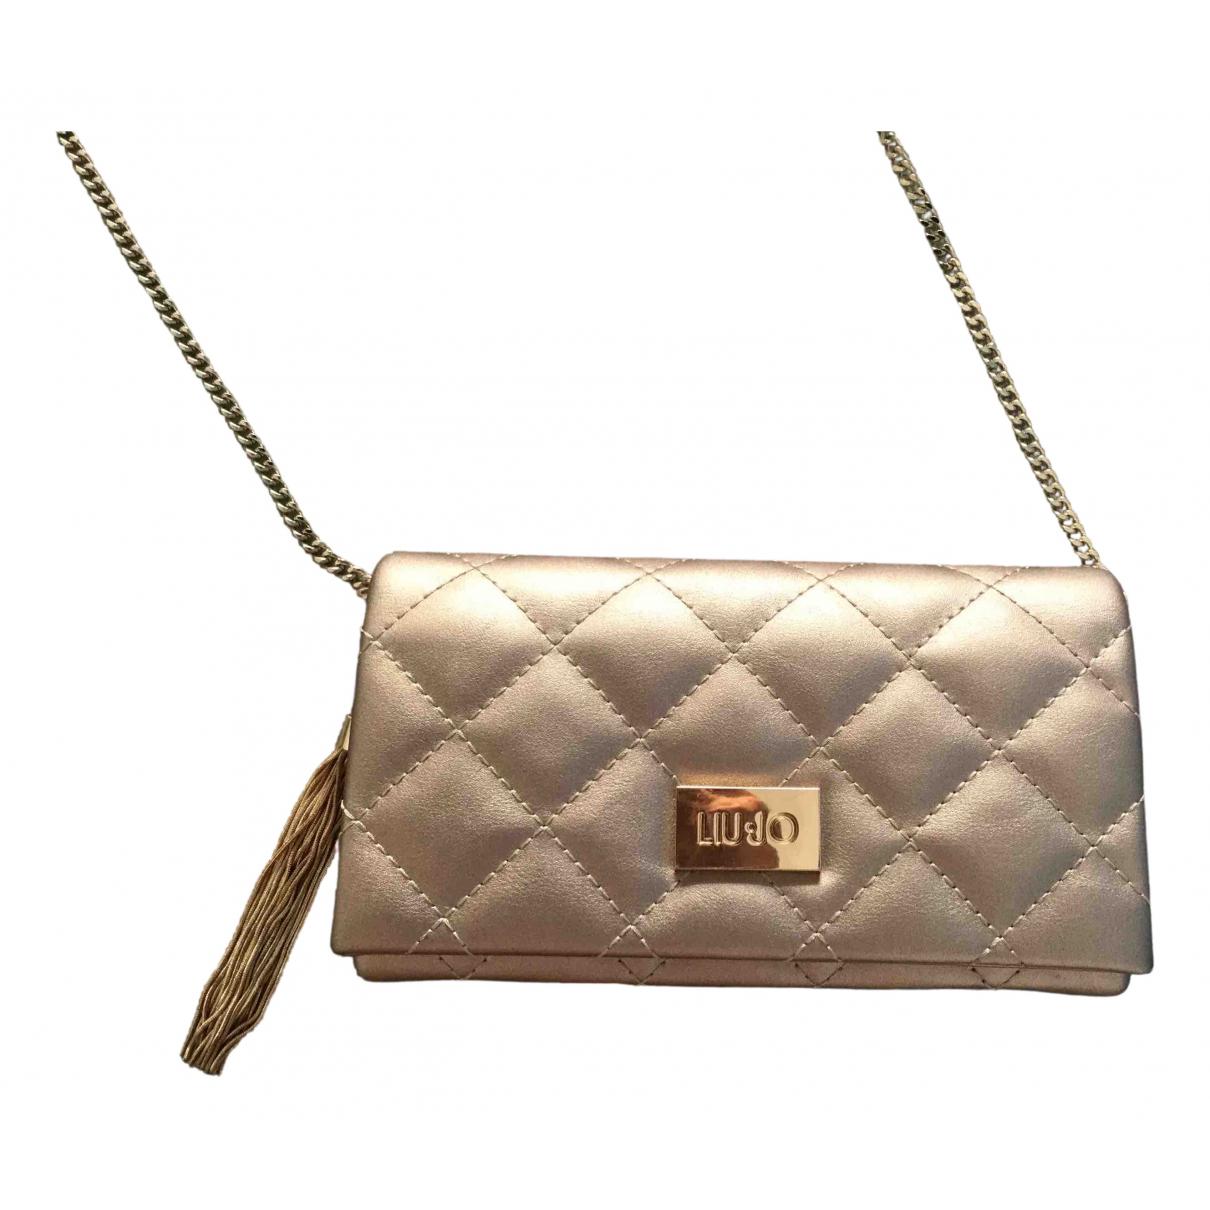 Liu.jo \N Gold Exotic leathers Clutch bag for Women \N